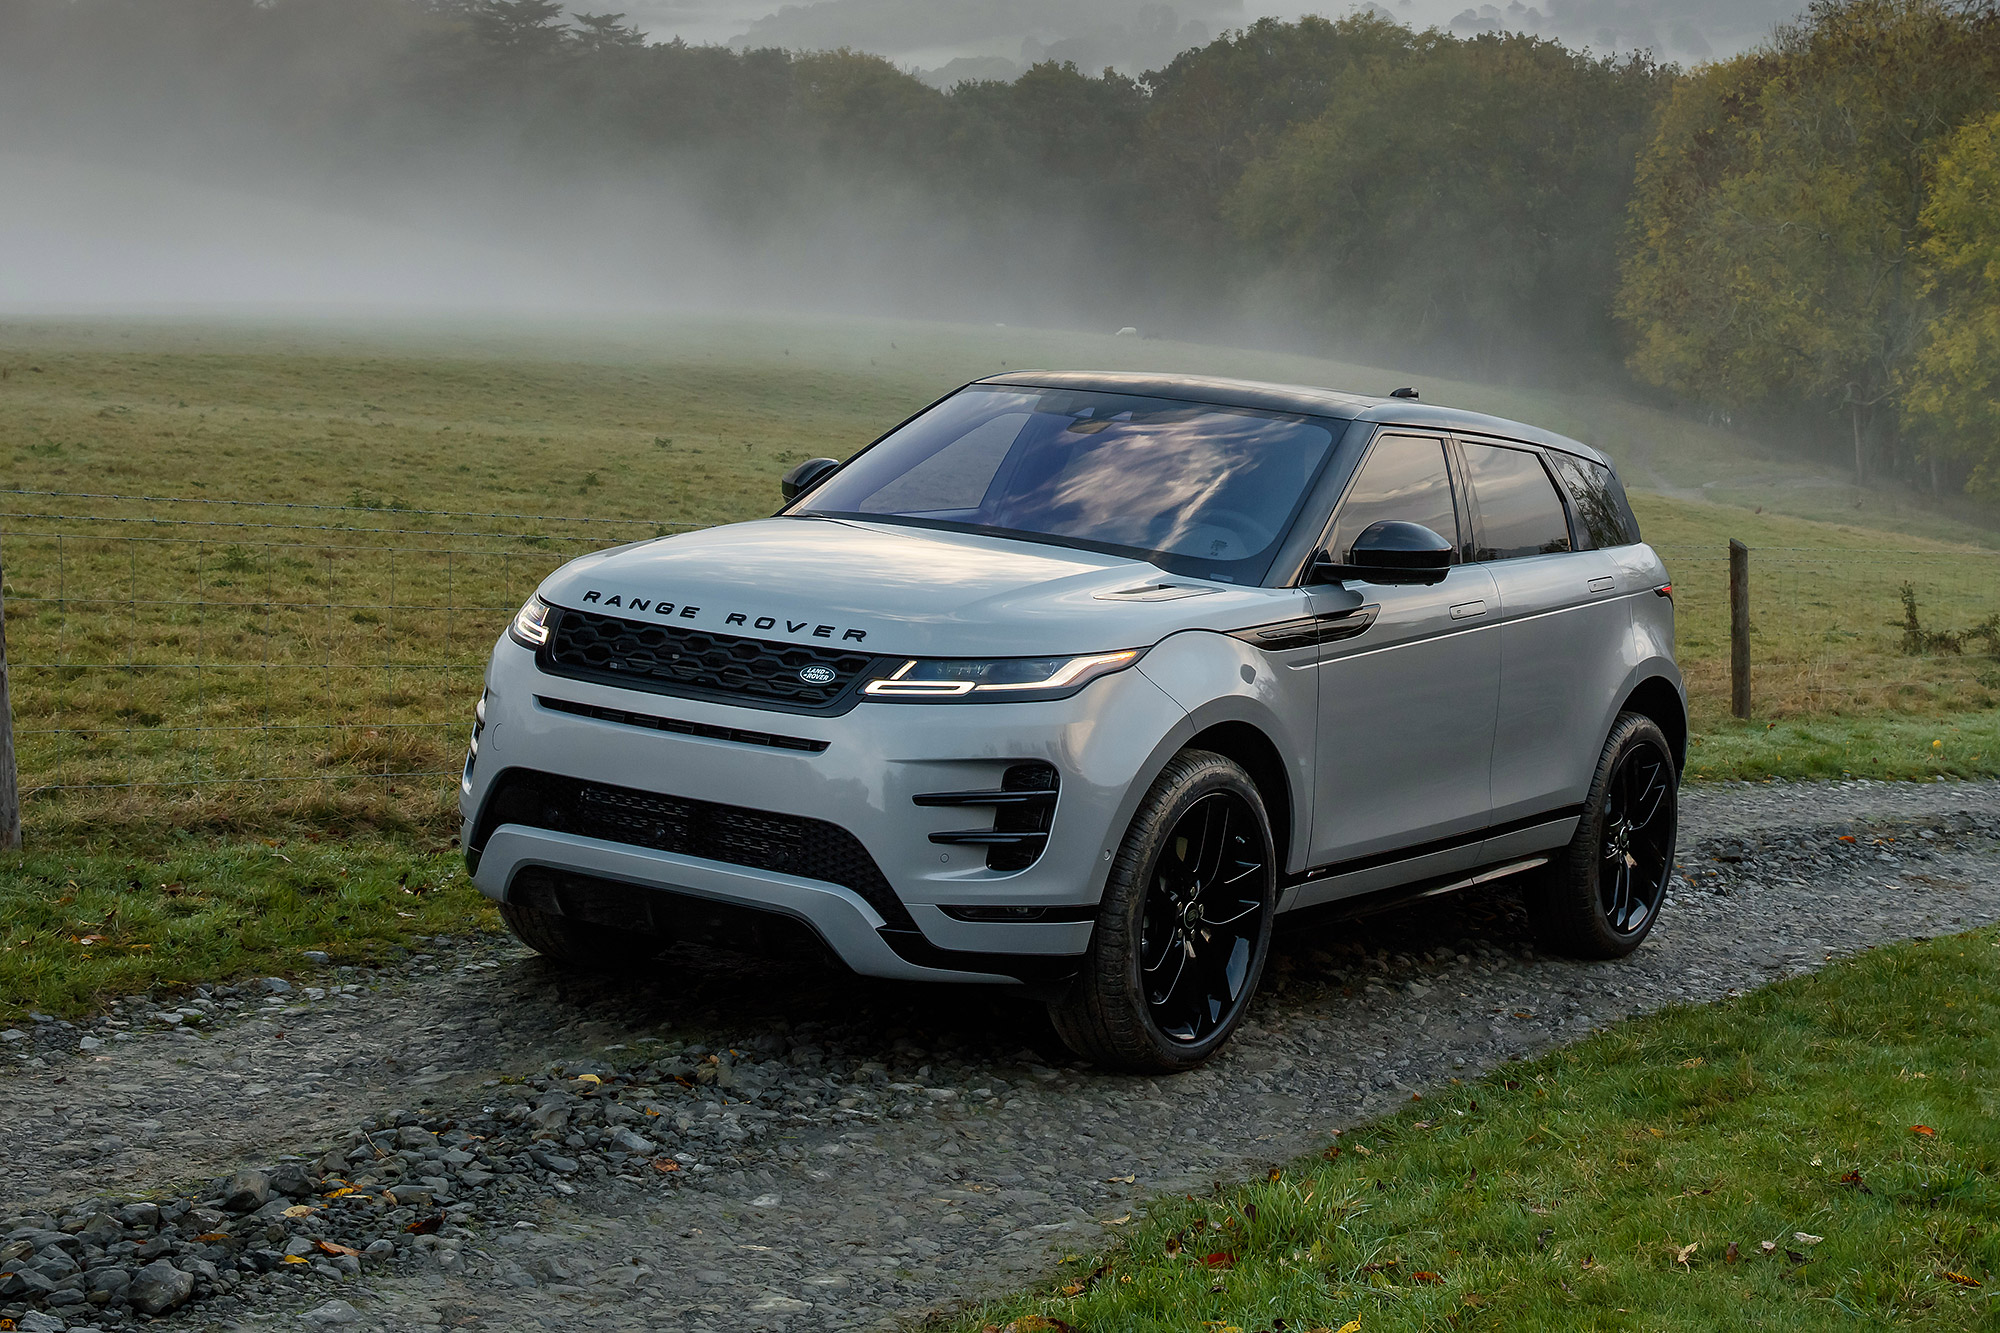 Range Rover Evoque 除最入門的柴油前驅動力之外,全數標配 48V Mild-Hybrid 微型油電複合動力系統。